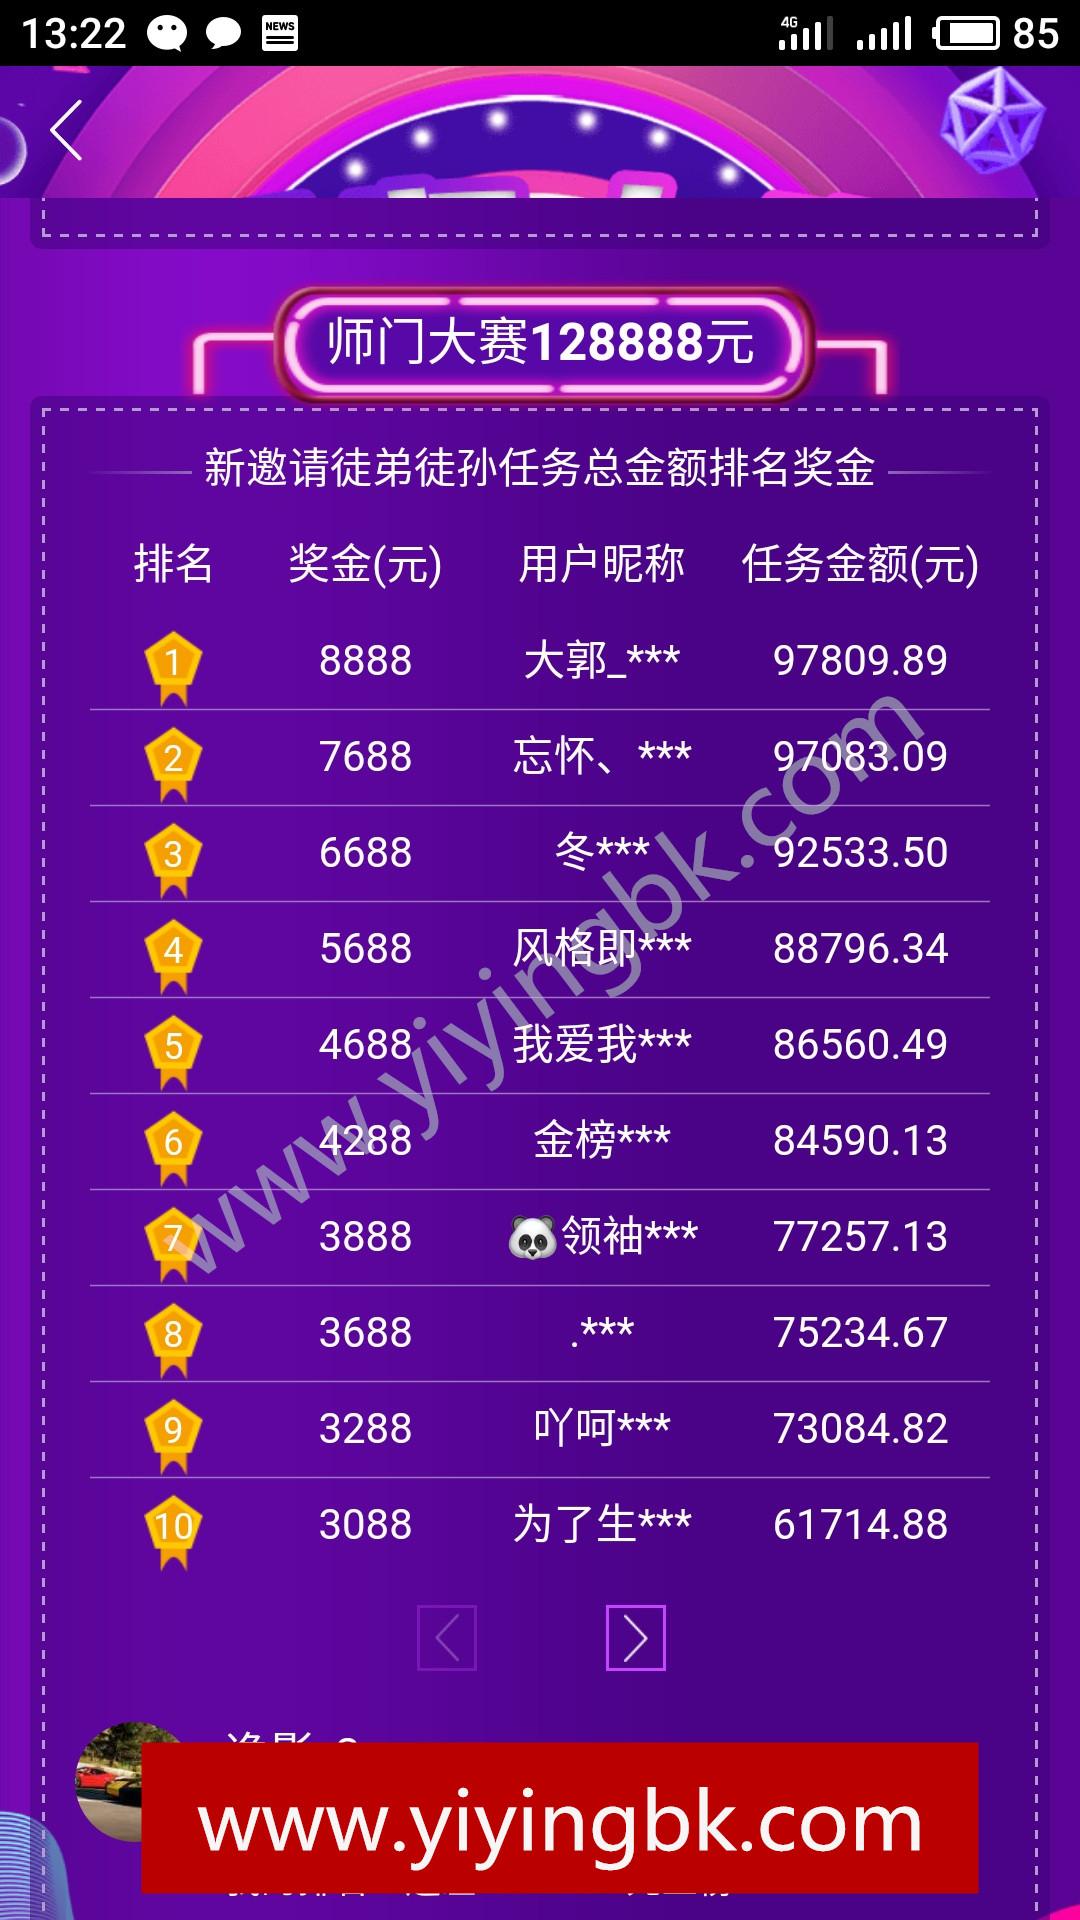 师门大赛128888元排行榜,微信和支付宝提现秒到账,www.yiyingbk.com